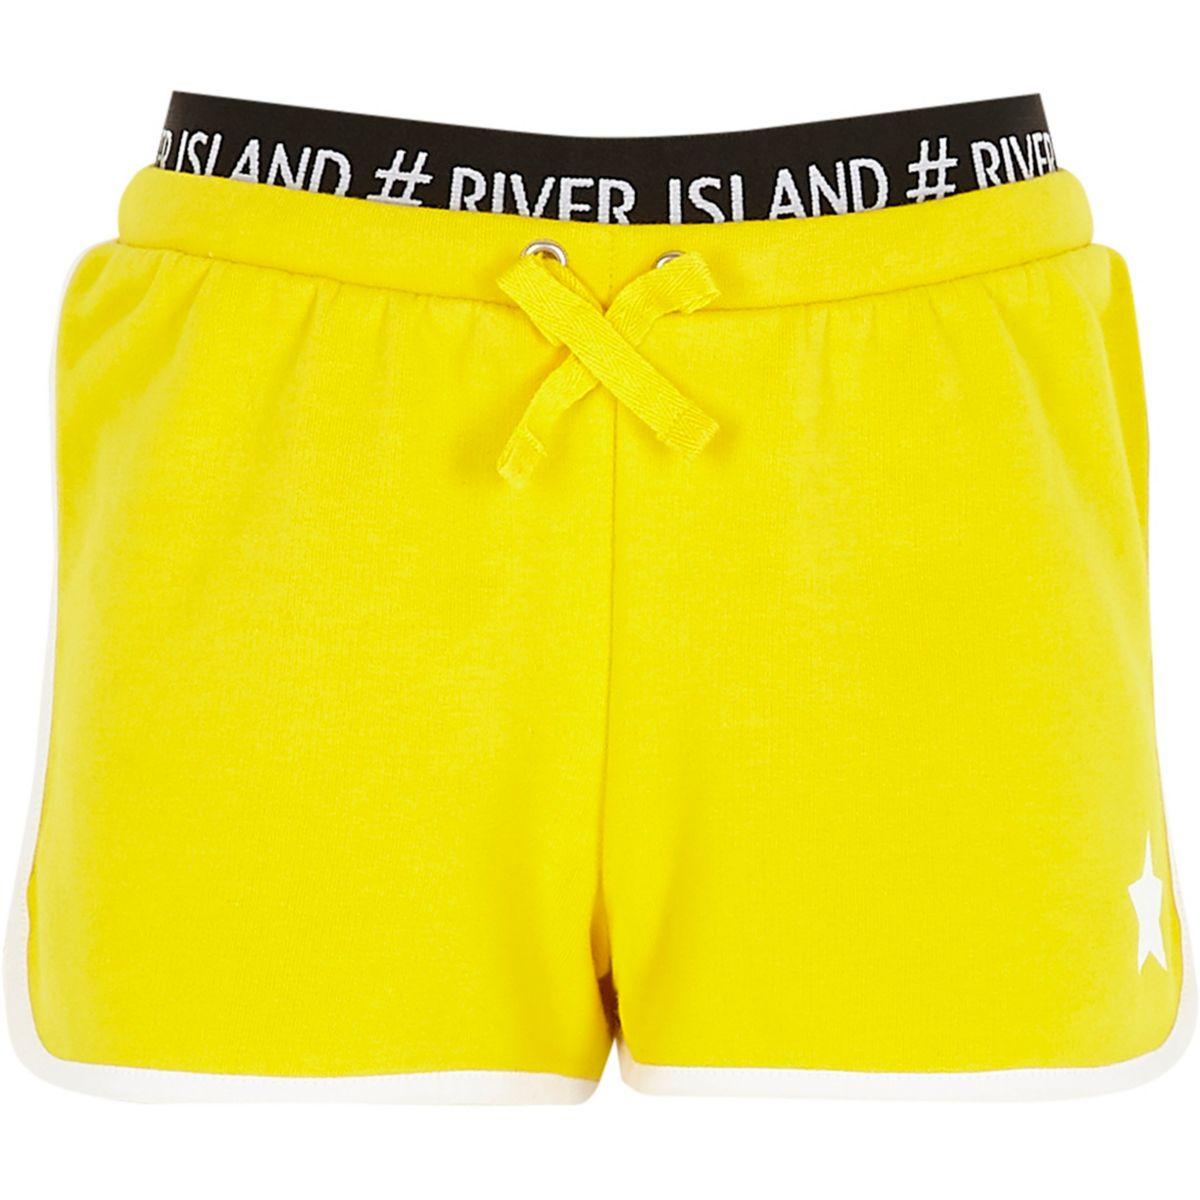 Short de course jaune avec logo RI à la taille et motif étoile pour fille